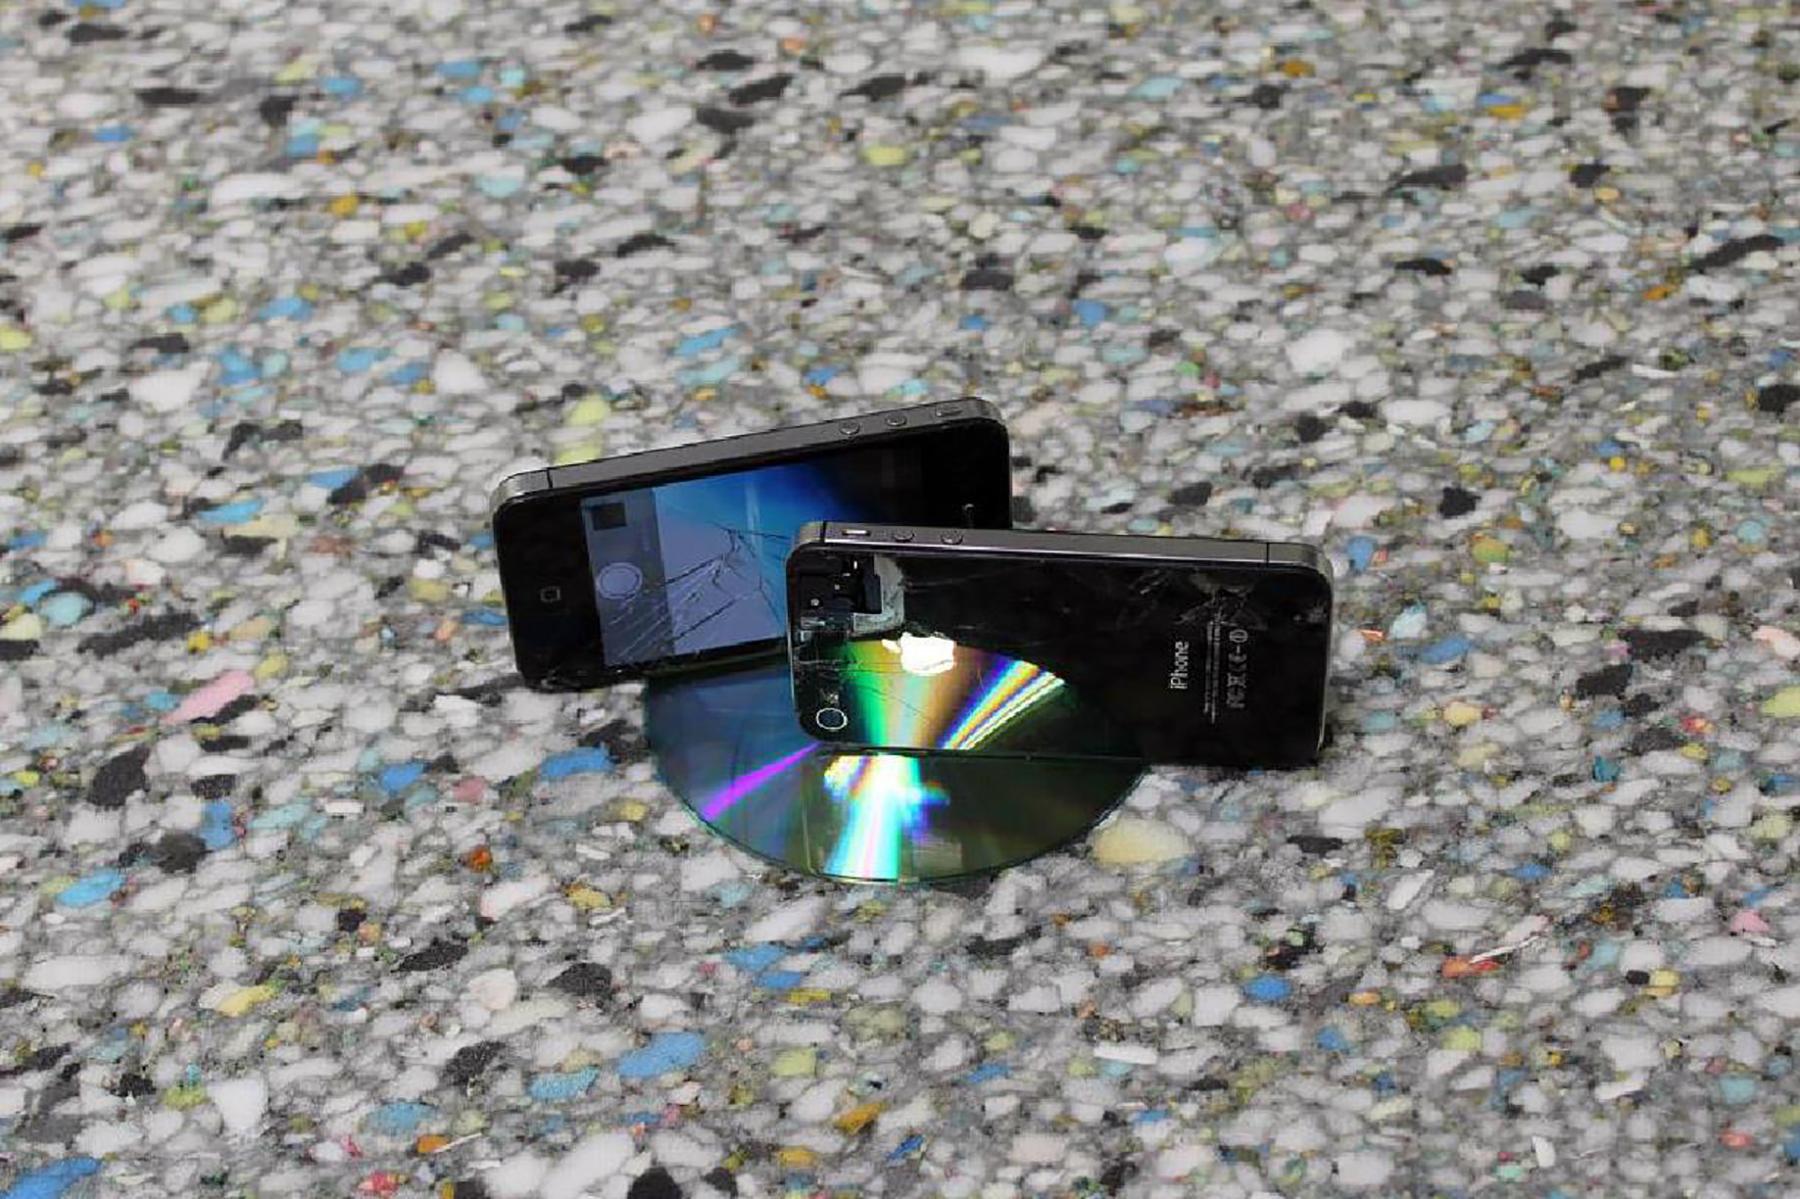 Ben Barretto, Selfie, Selfie (iphone version), 2014